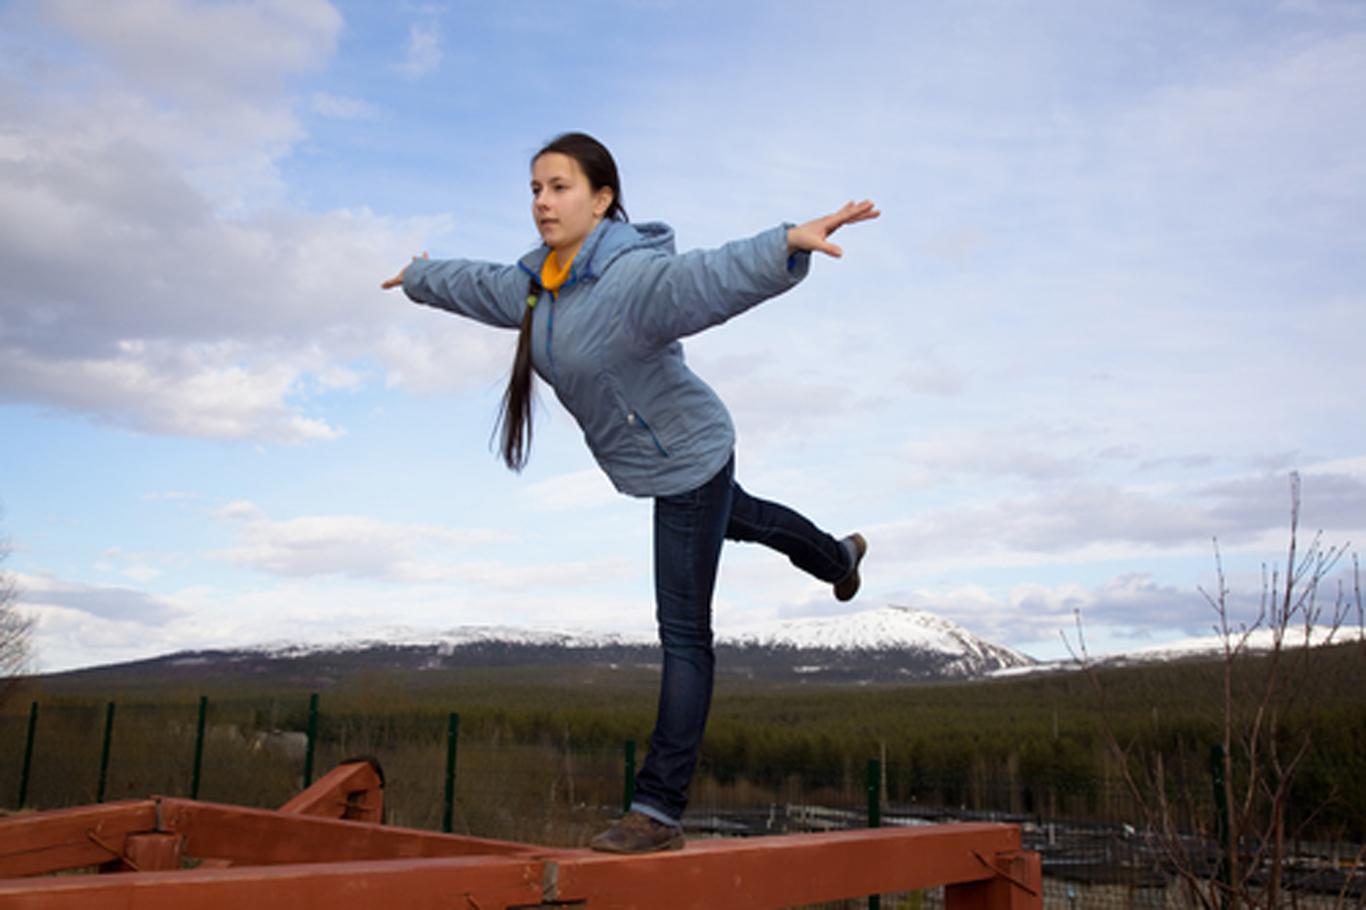 Life balance woman